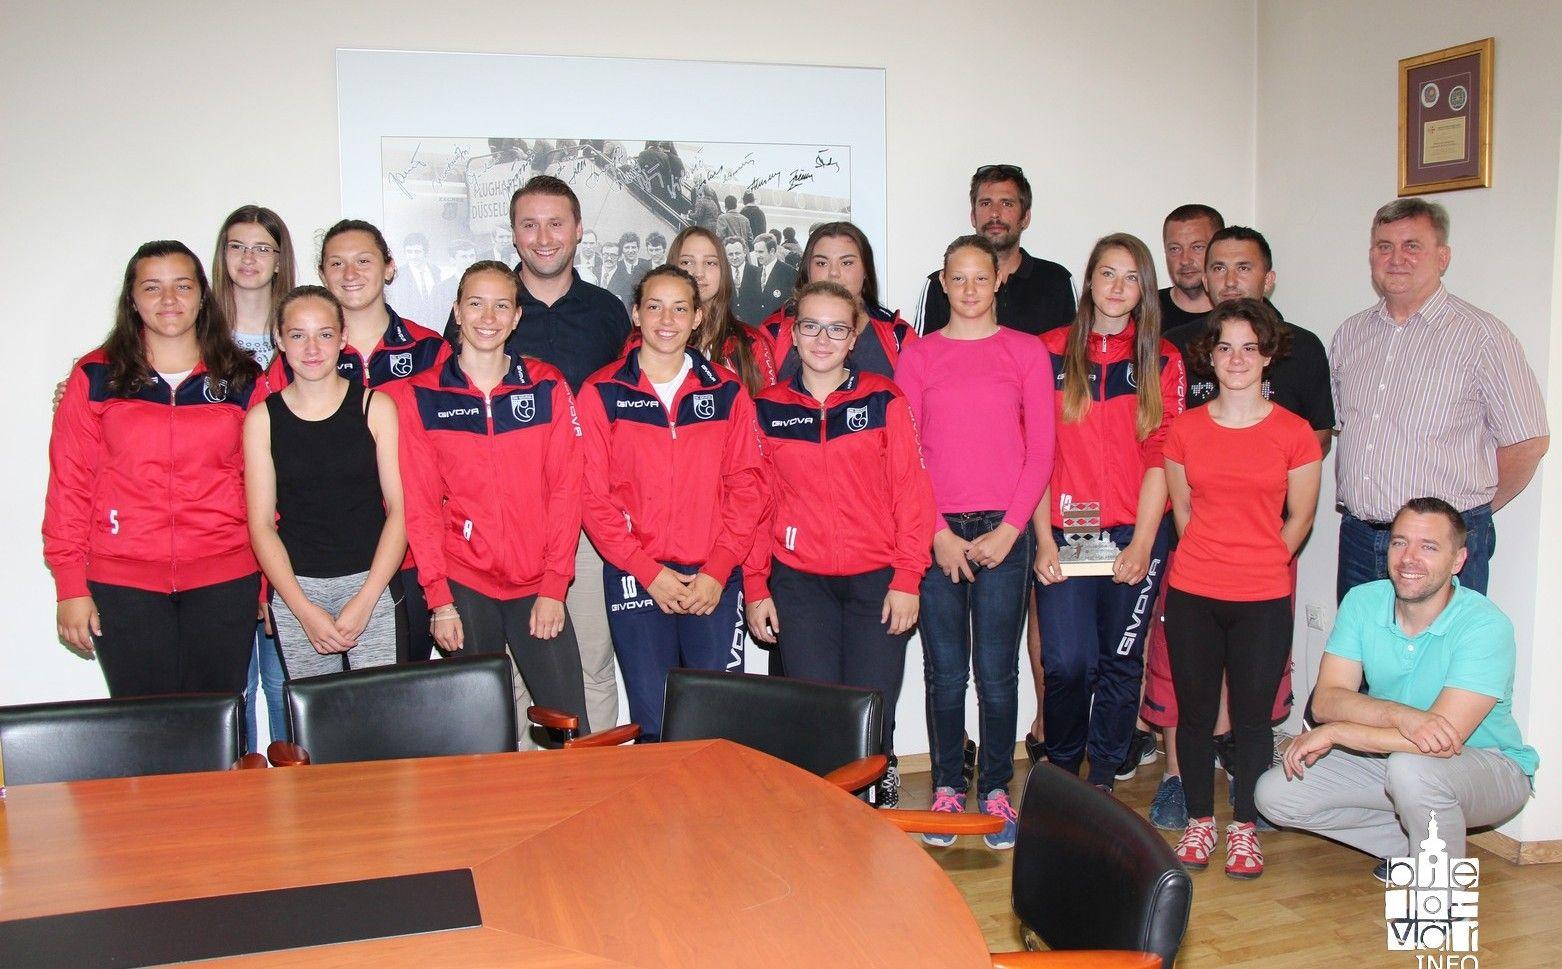 Grad Bjelovar organizirao prijem za bjelovarske rukometašice koje su na međunarodnom turniru u Italiji osvojile prvo i drugo mjesto